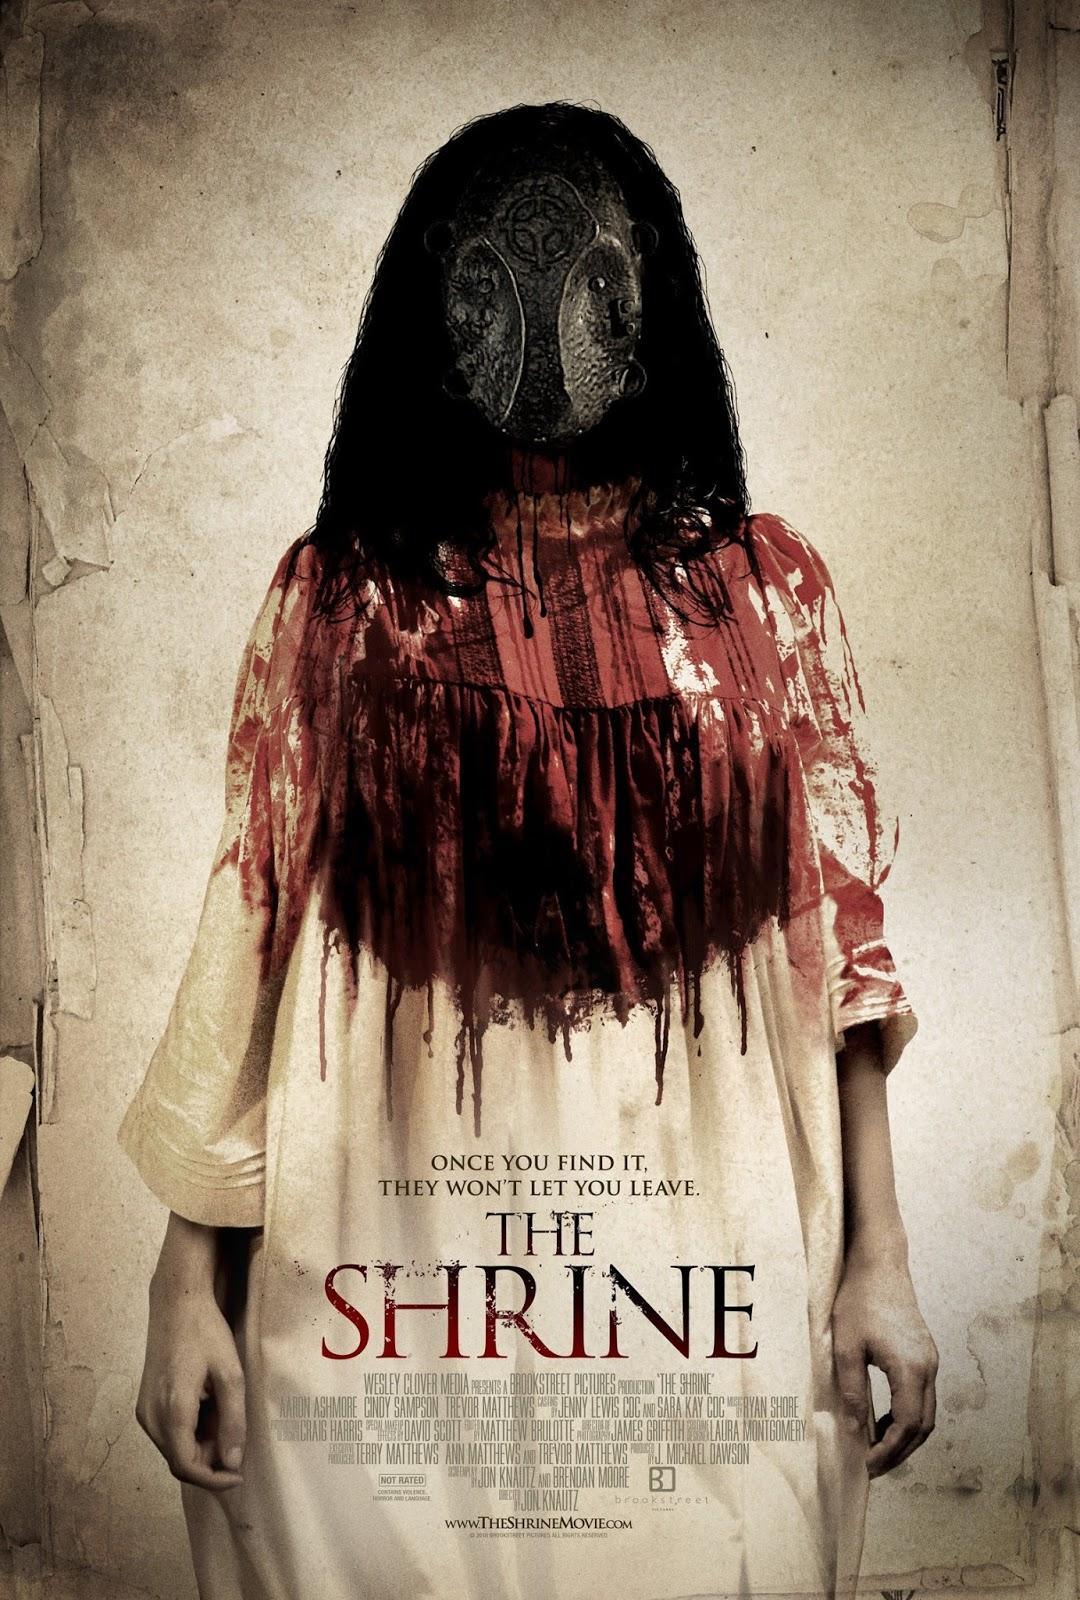 Soresport Movies: The Shrine (2010) Horror Demon